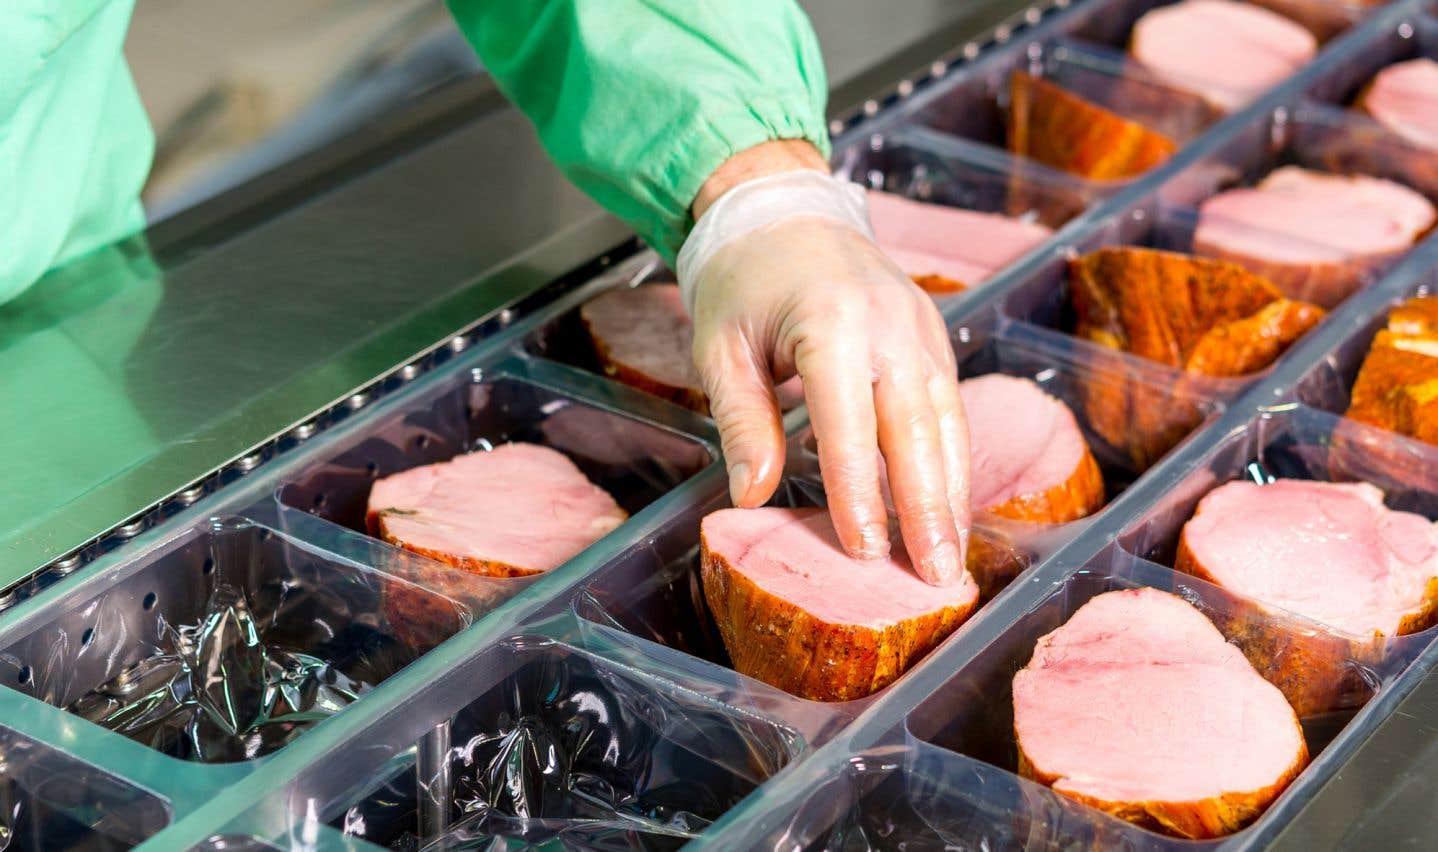 Olymel a exporté l'an dernier pour environ 1,45milliard de dollars de produits, principalement du porc.